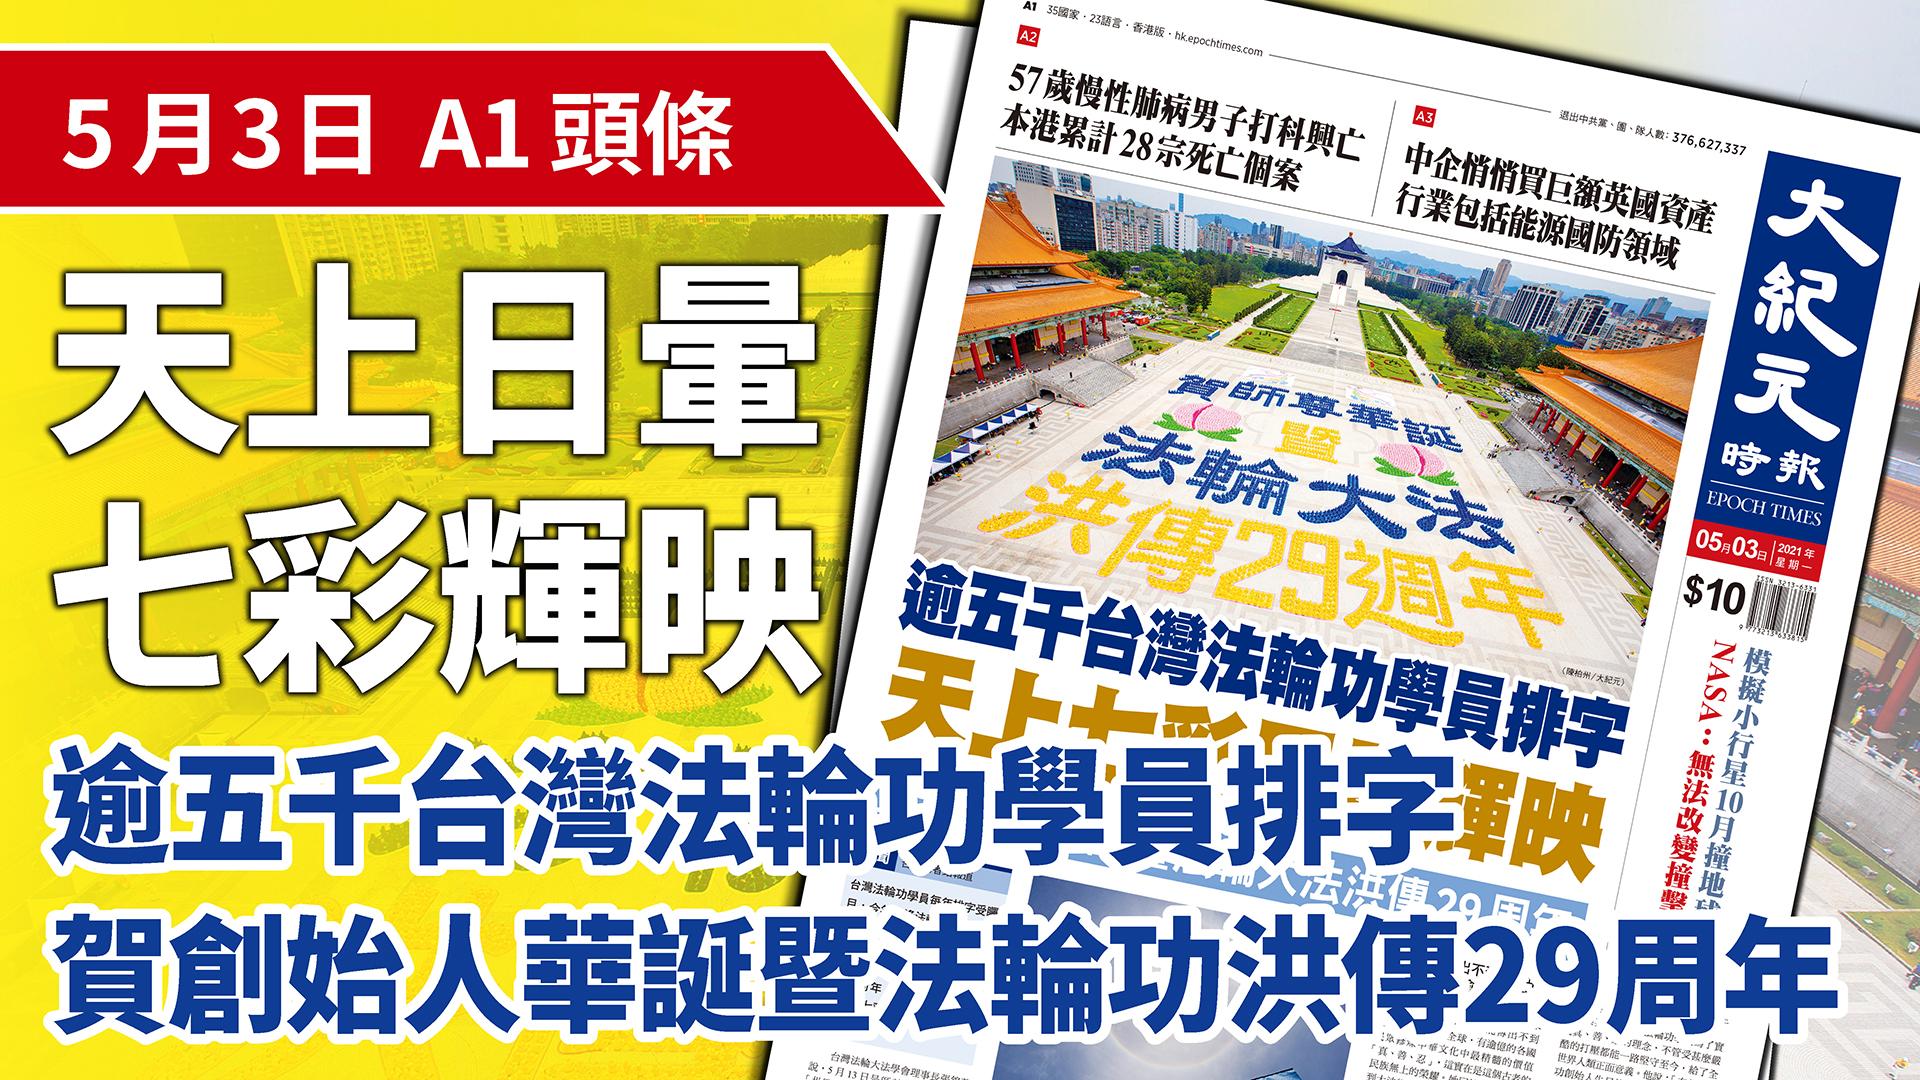 5月1日,約5,200名台灣法輪功學員在台灣中正紀念堂自由廣場排字,賀創始人華誕暨法輪大法洪傳29周年。(大紀元製圖)